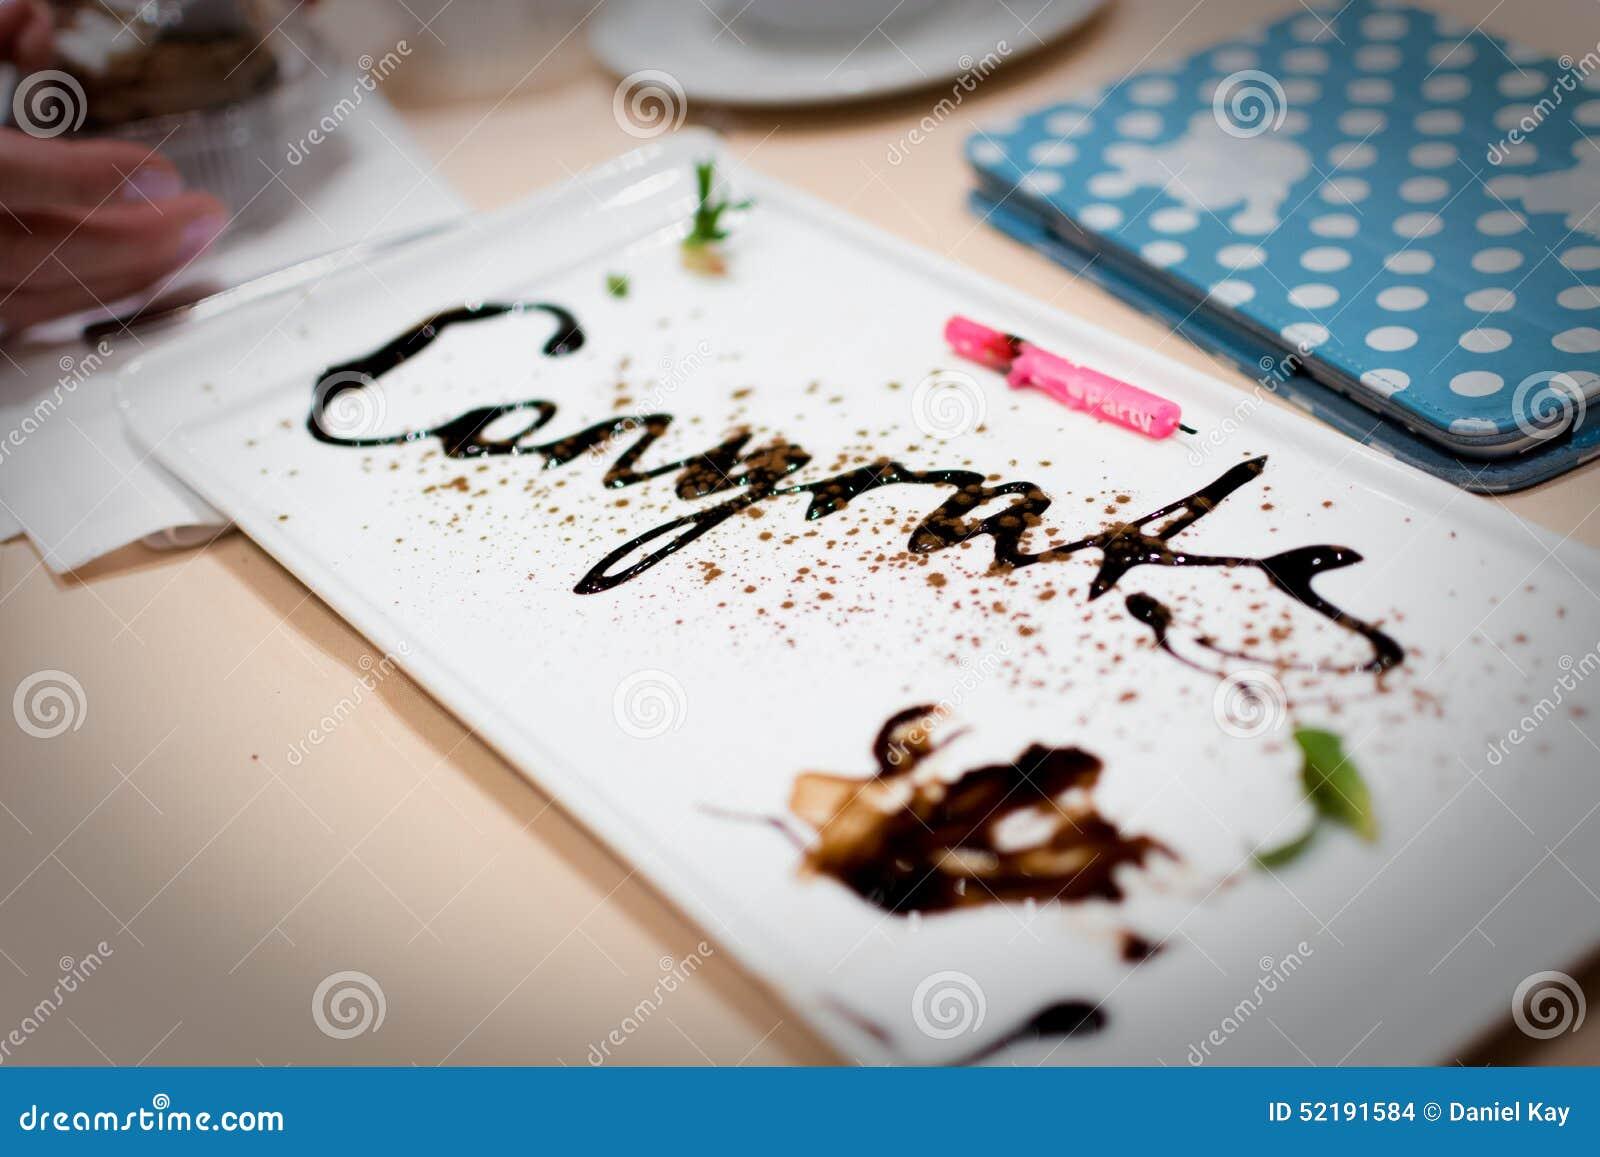 Message De Felicitations Ecrit En Chocolat A Une Fete D Anniversaire